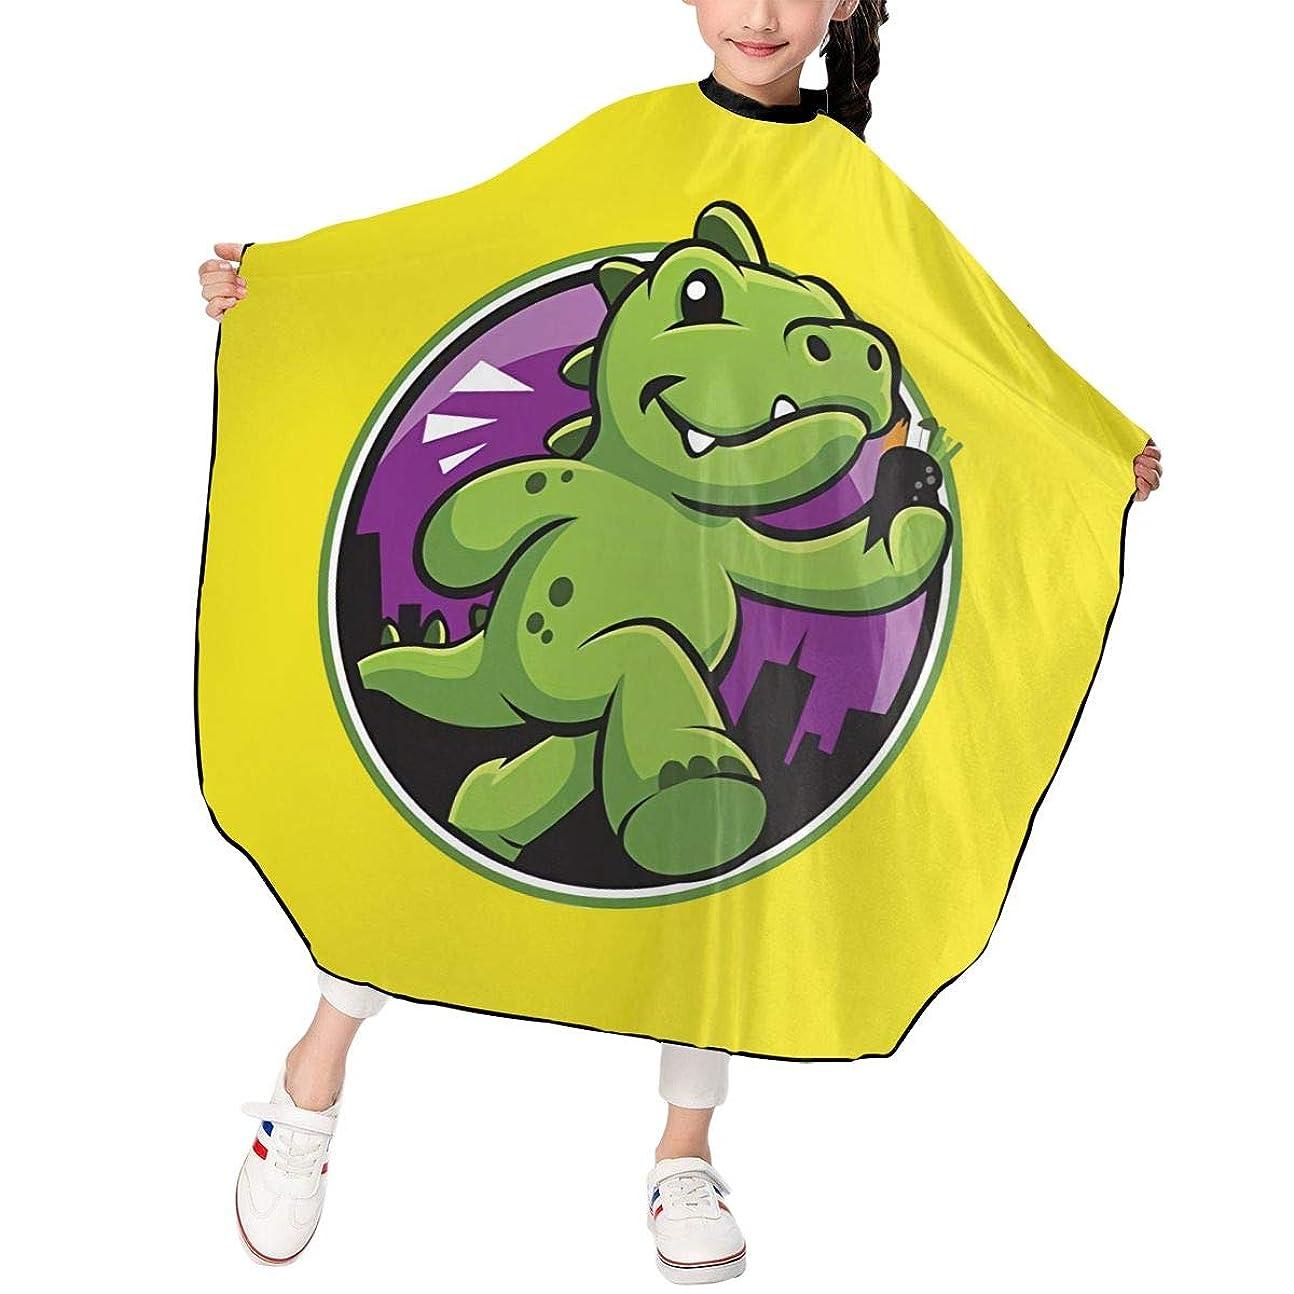 アクティブパーチナシティさらにPST-LF Godzilla ゴジラ 恐竜 散髪ケープ 散髪マント ファミリー理髪 折りたたみ式 ヘアカットケープ ヘアダイケープ 自宅 サロン 防水 散髪マント 幼児用 ヘアカット 子供用ヘアカットケープ 散髪ケープ